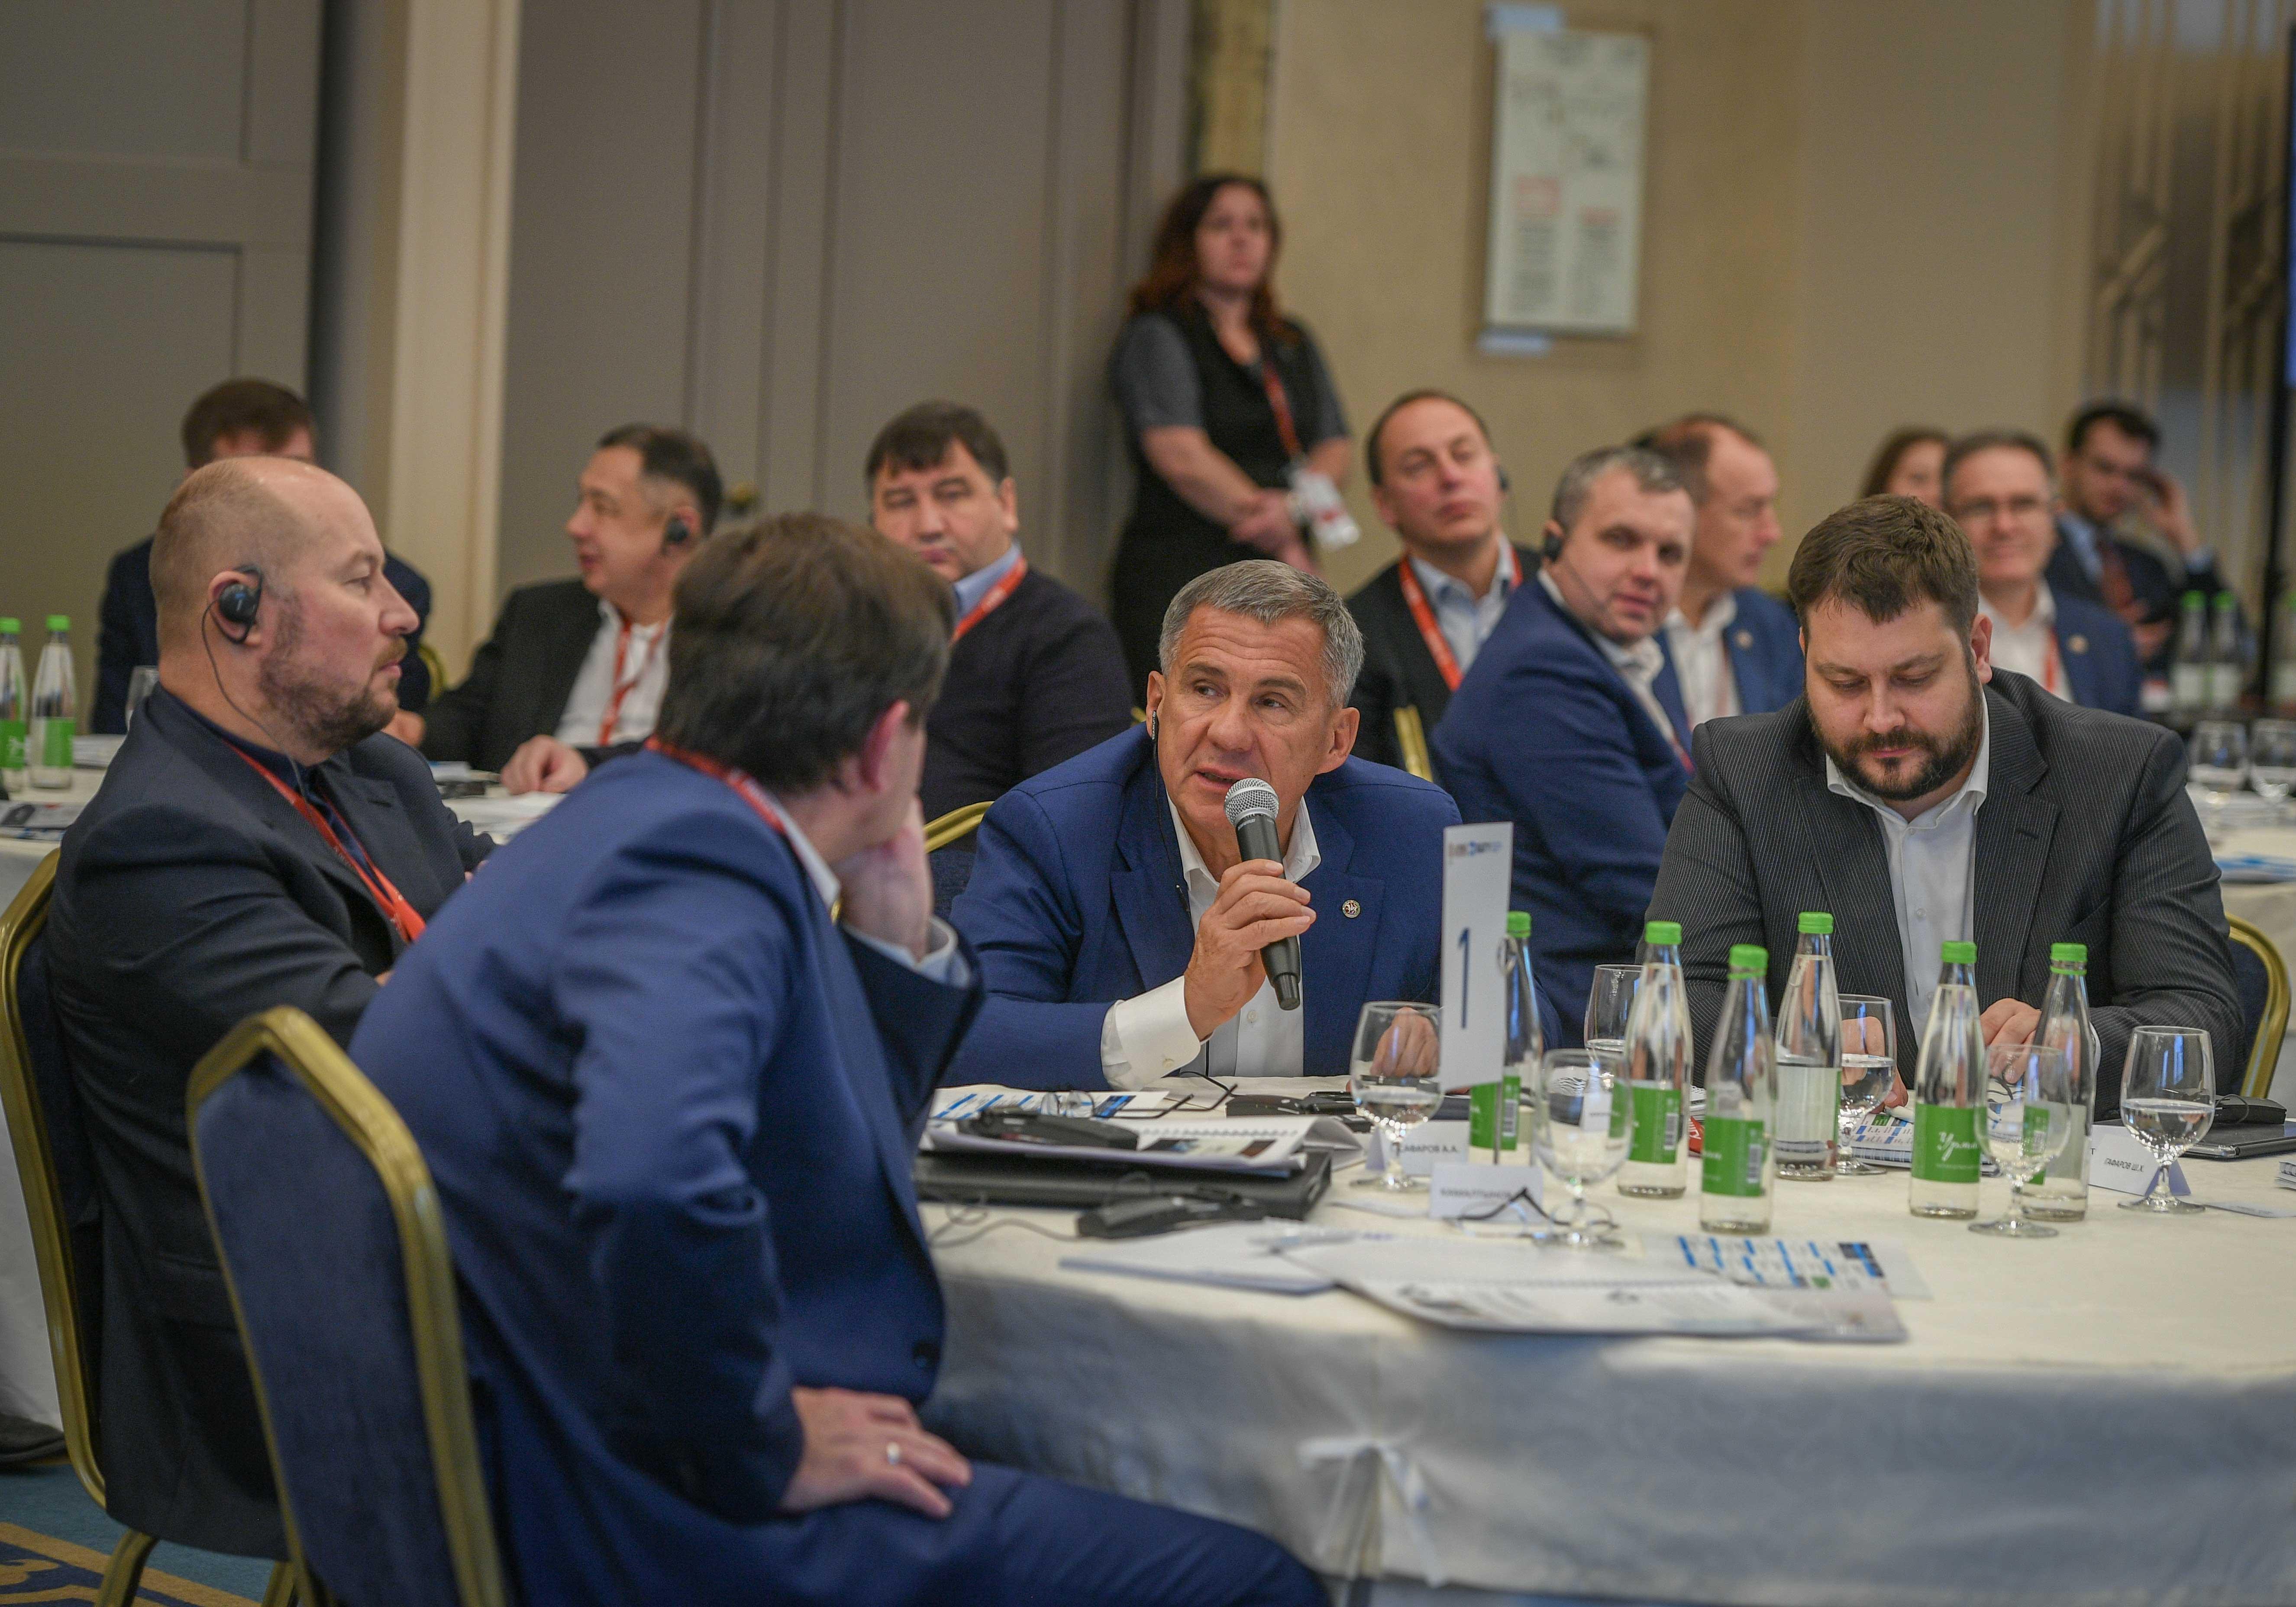 Рустам Минниханов: Мы должны быть готовы к новым вызовам эры цифровизации